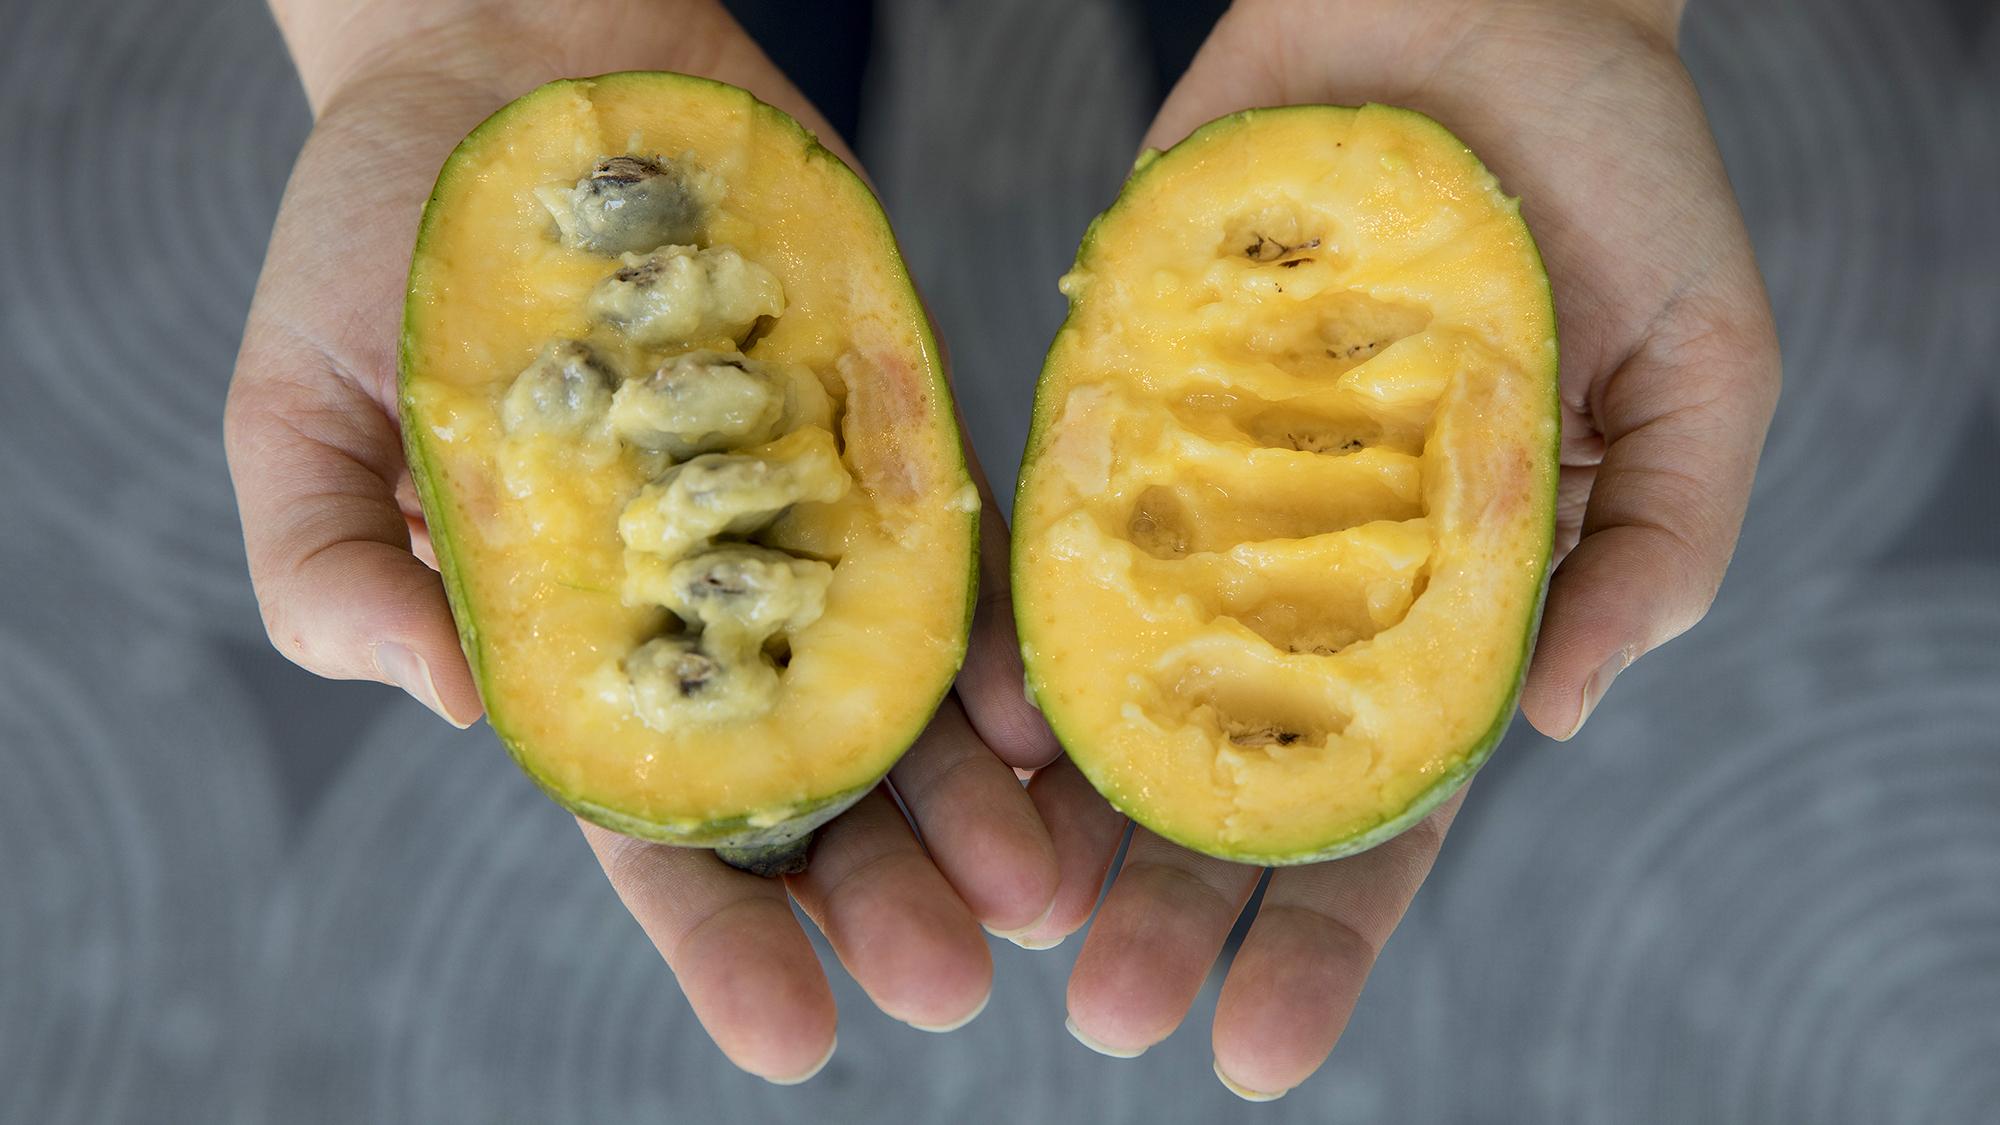 Papaya vs mango size